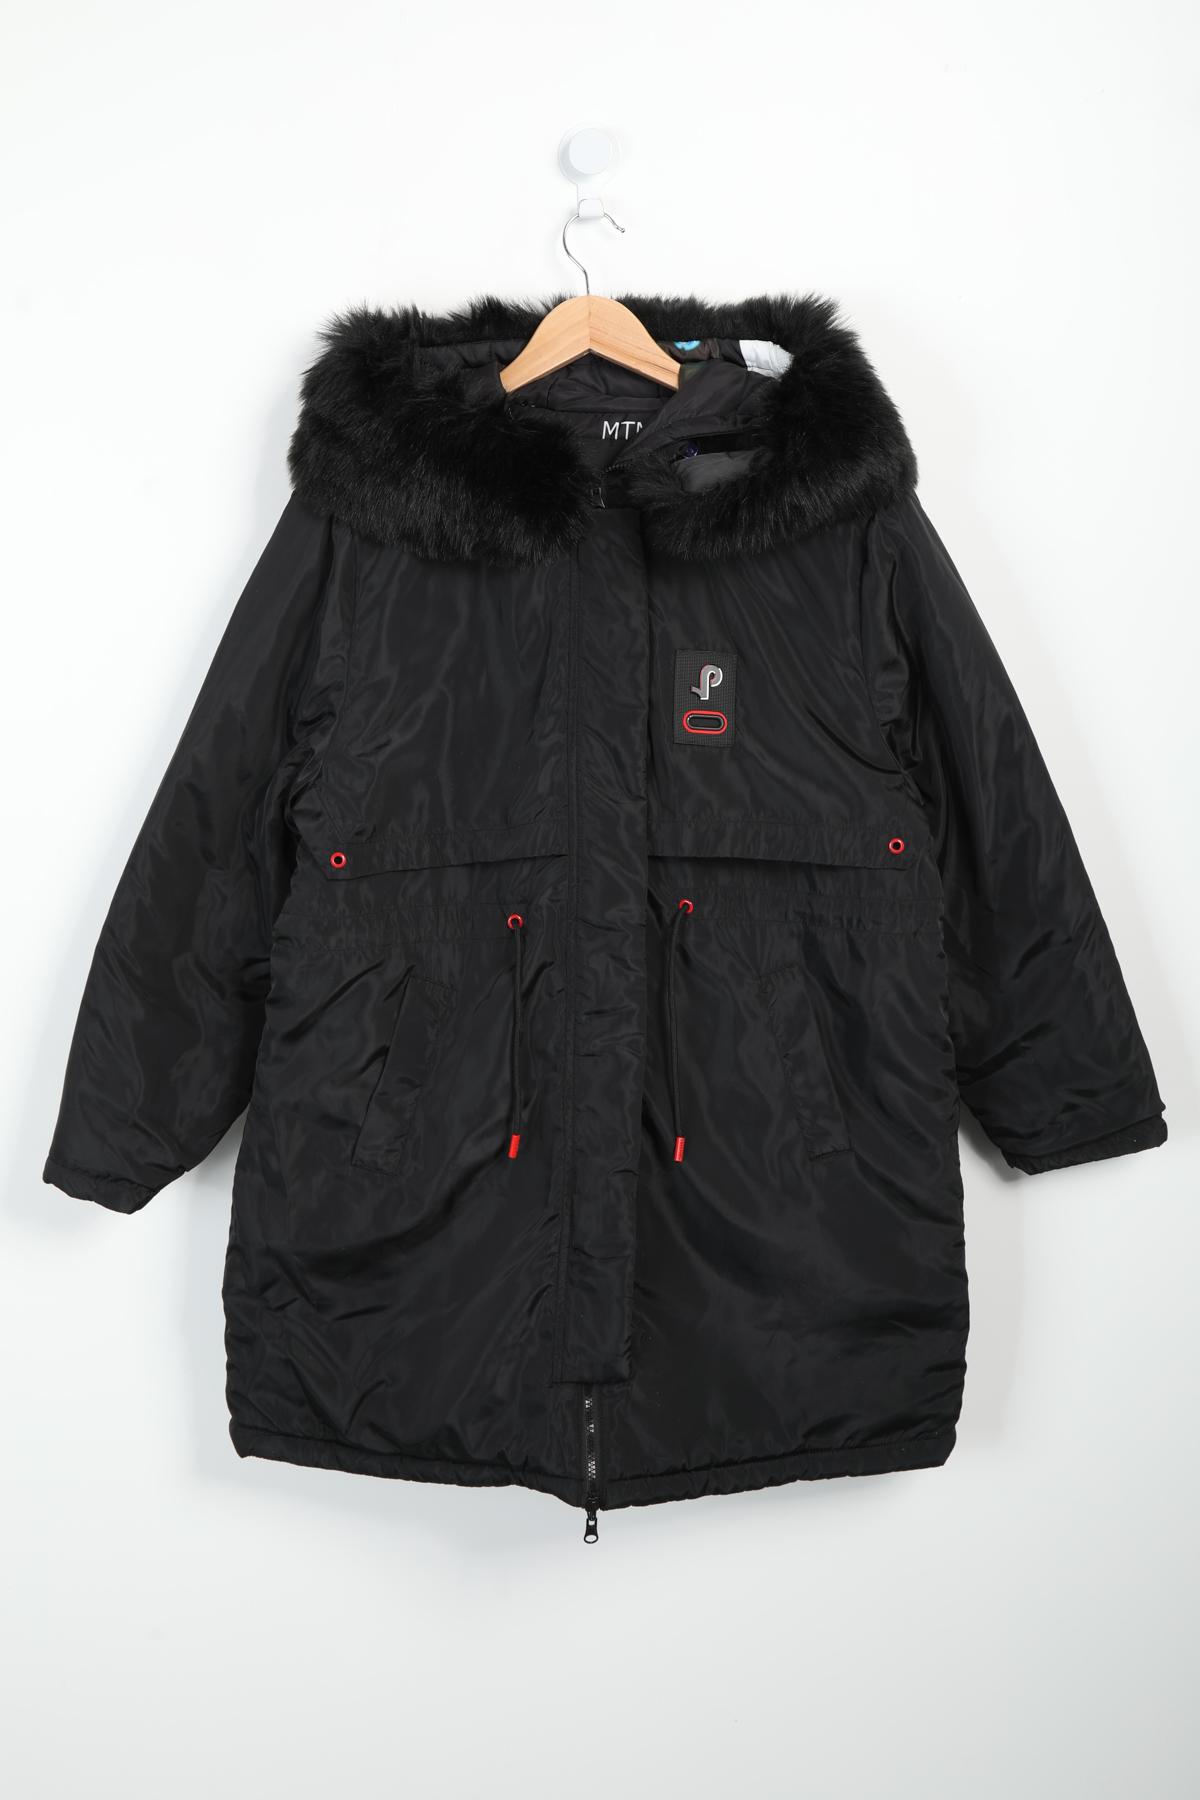 manteau grande taille femme pomme rouge vetement c6171 noir